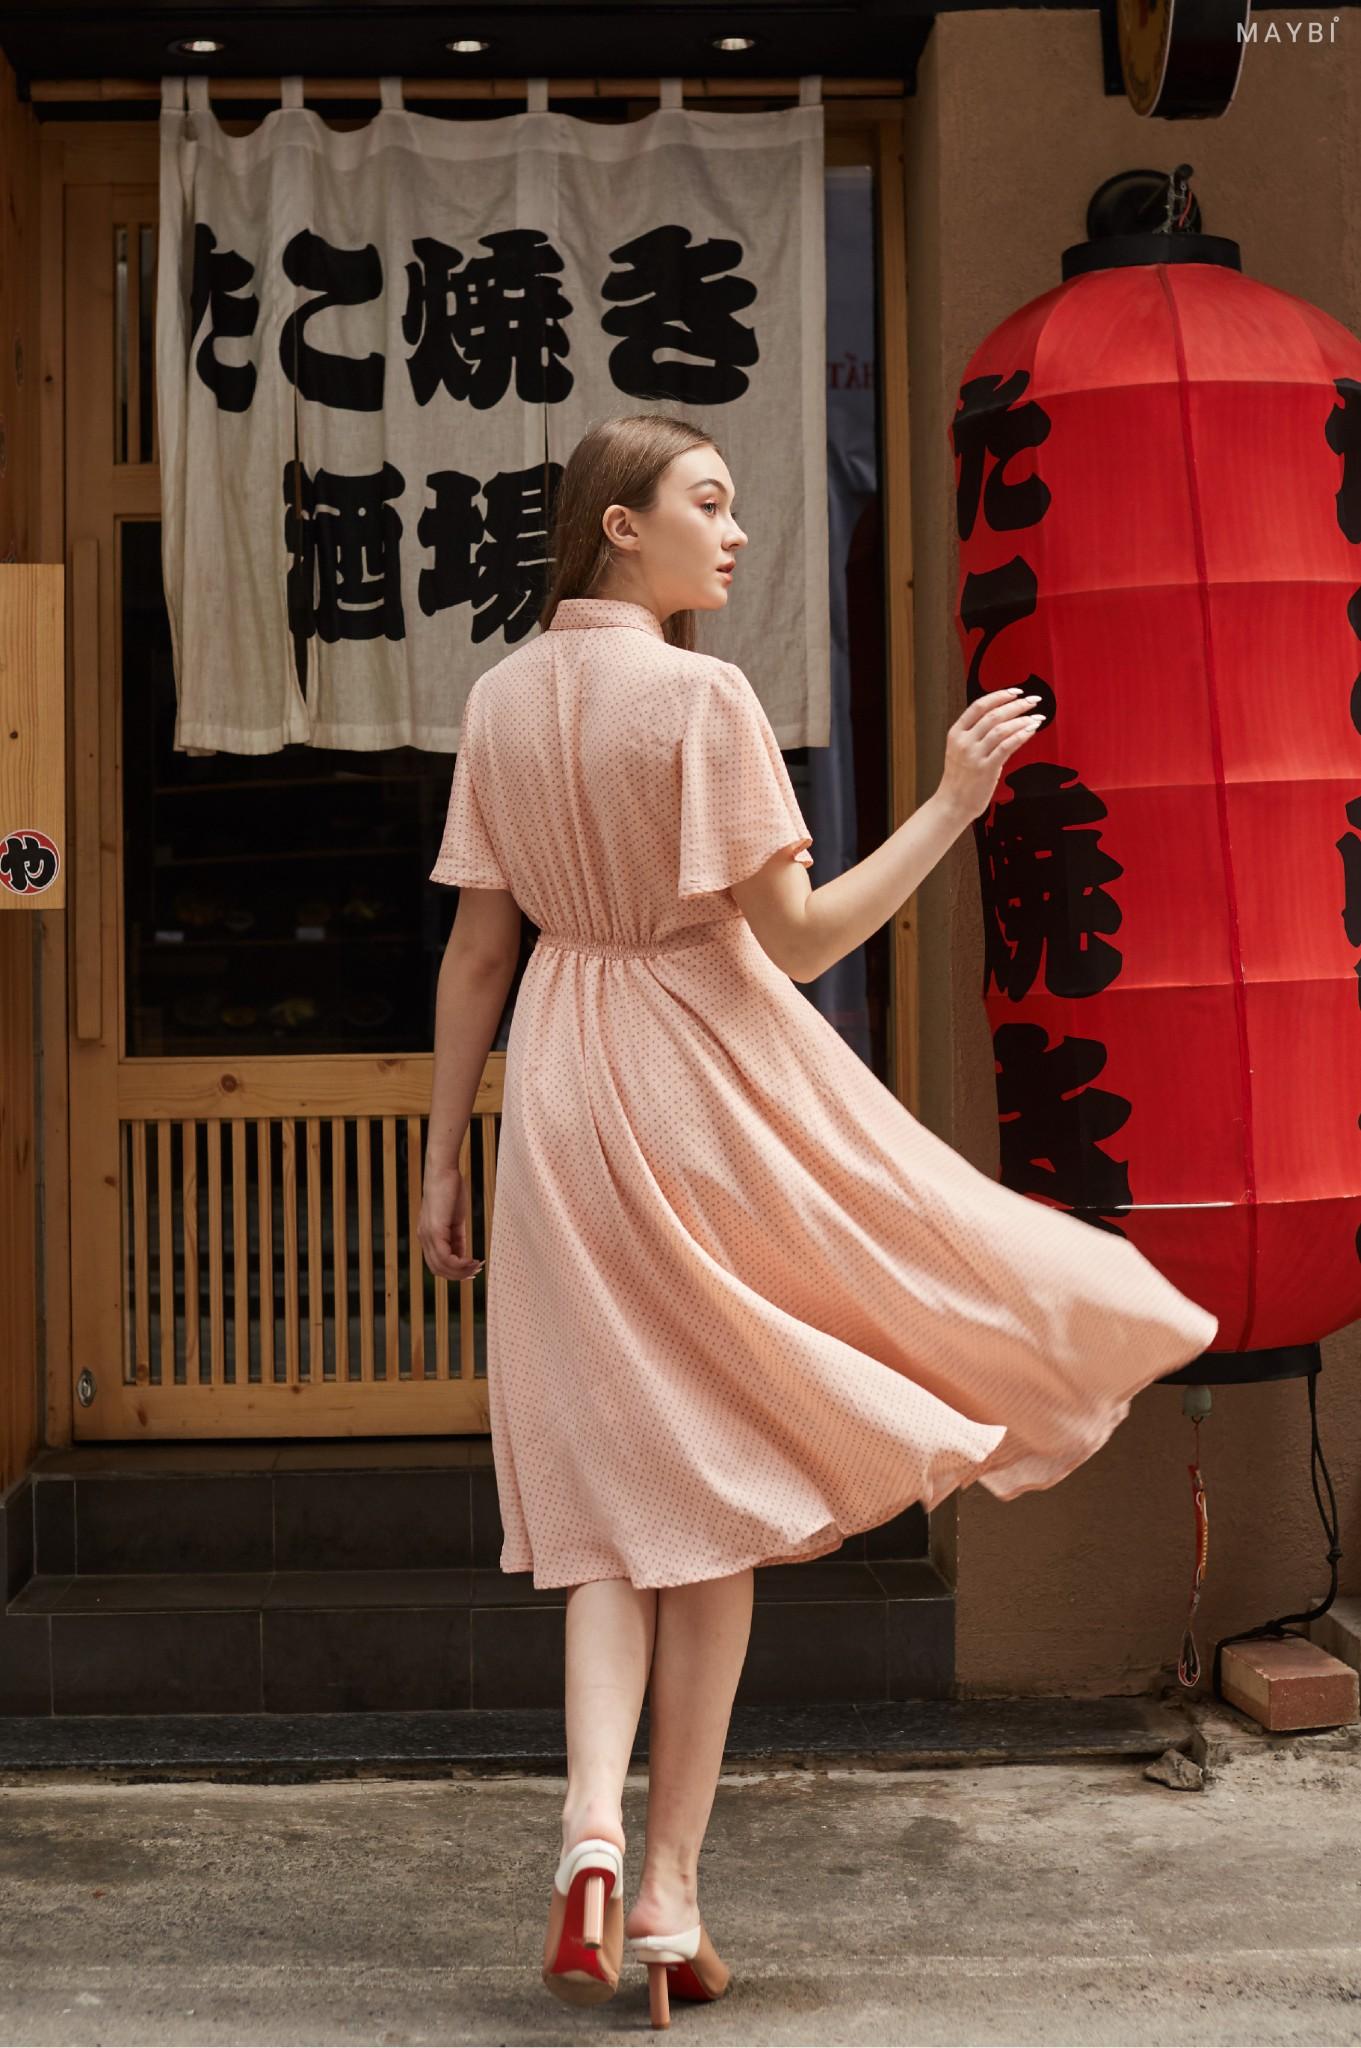 Đầm hồng sơ mi cánh tiên Maybi Blush Dress